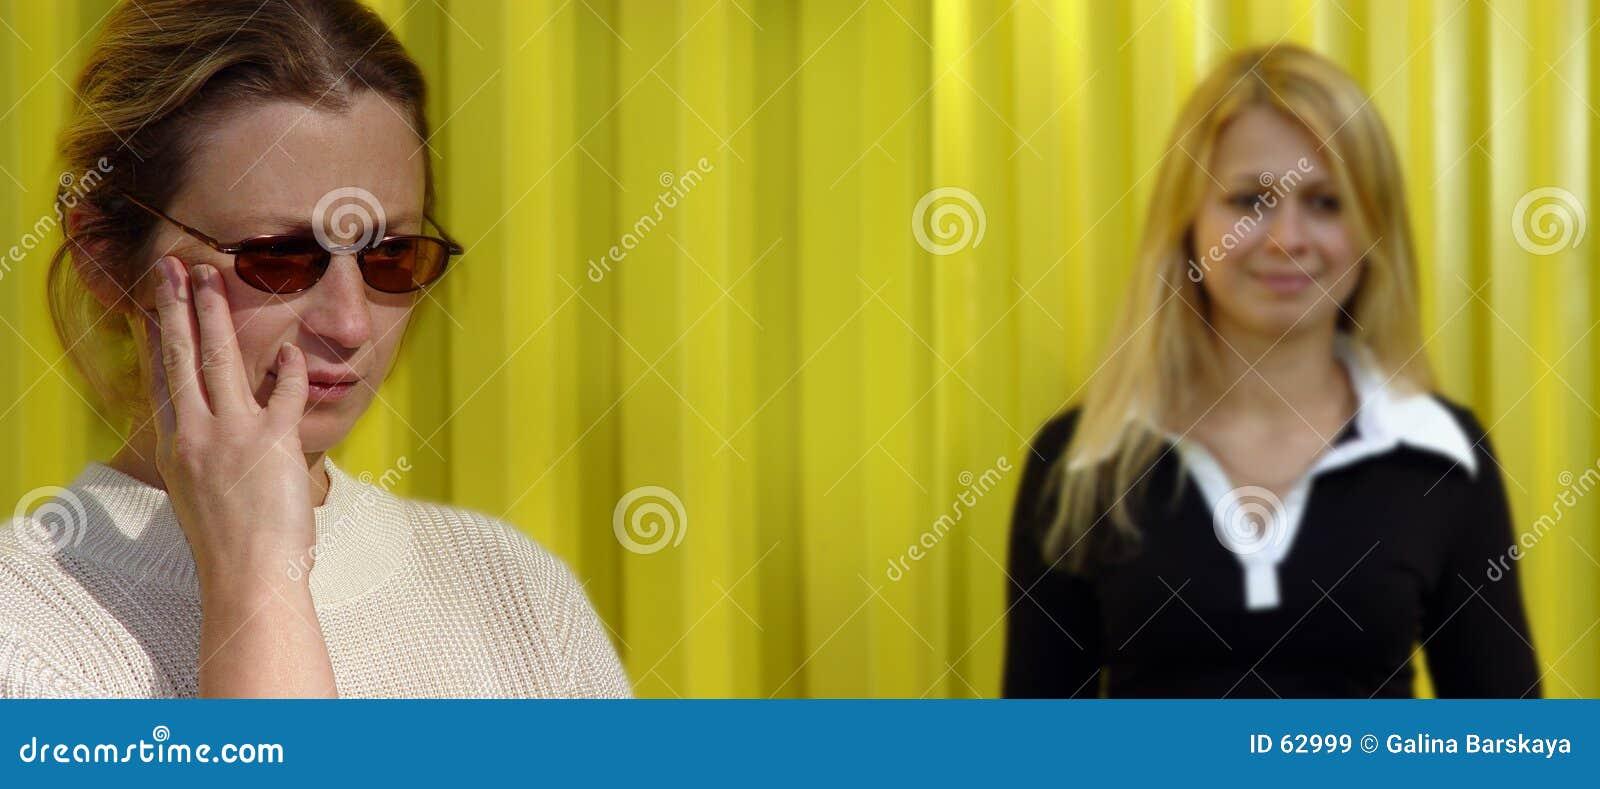 Donne bionde su colore giallo